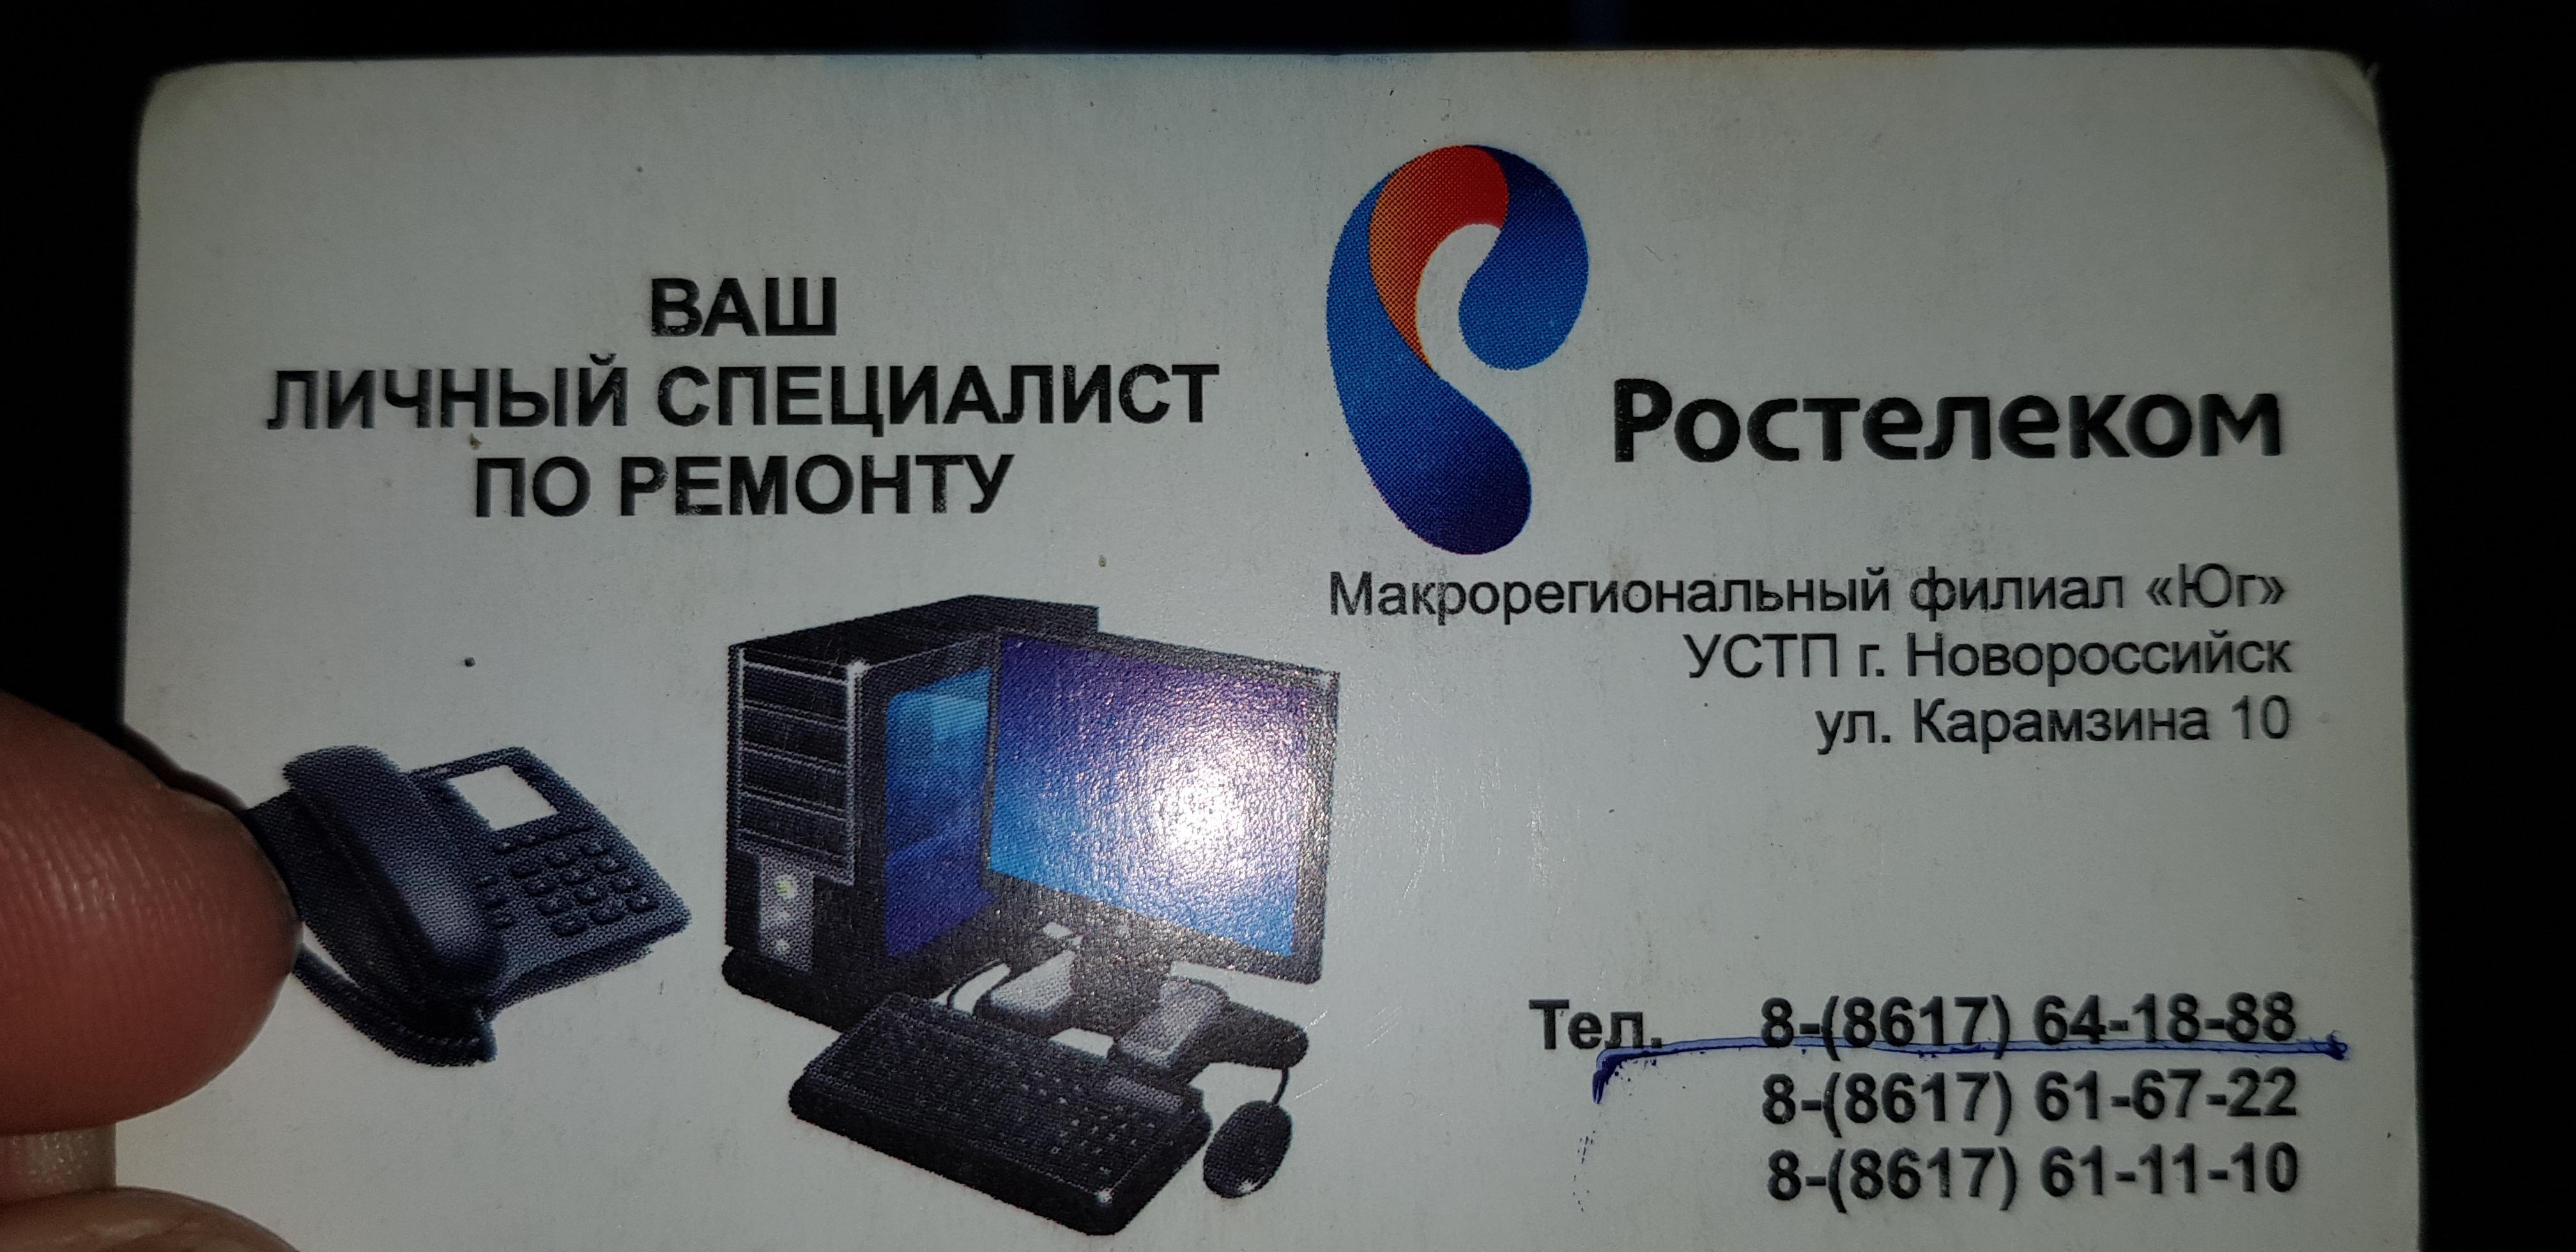 Номер телефона по ремонту домашнего телефона ростелеком - ремонт в Москве ремонт объектива стоимость - ремонт в Москве